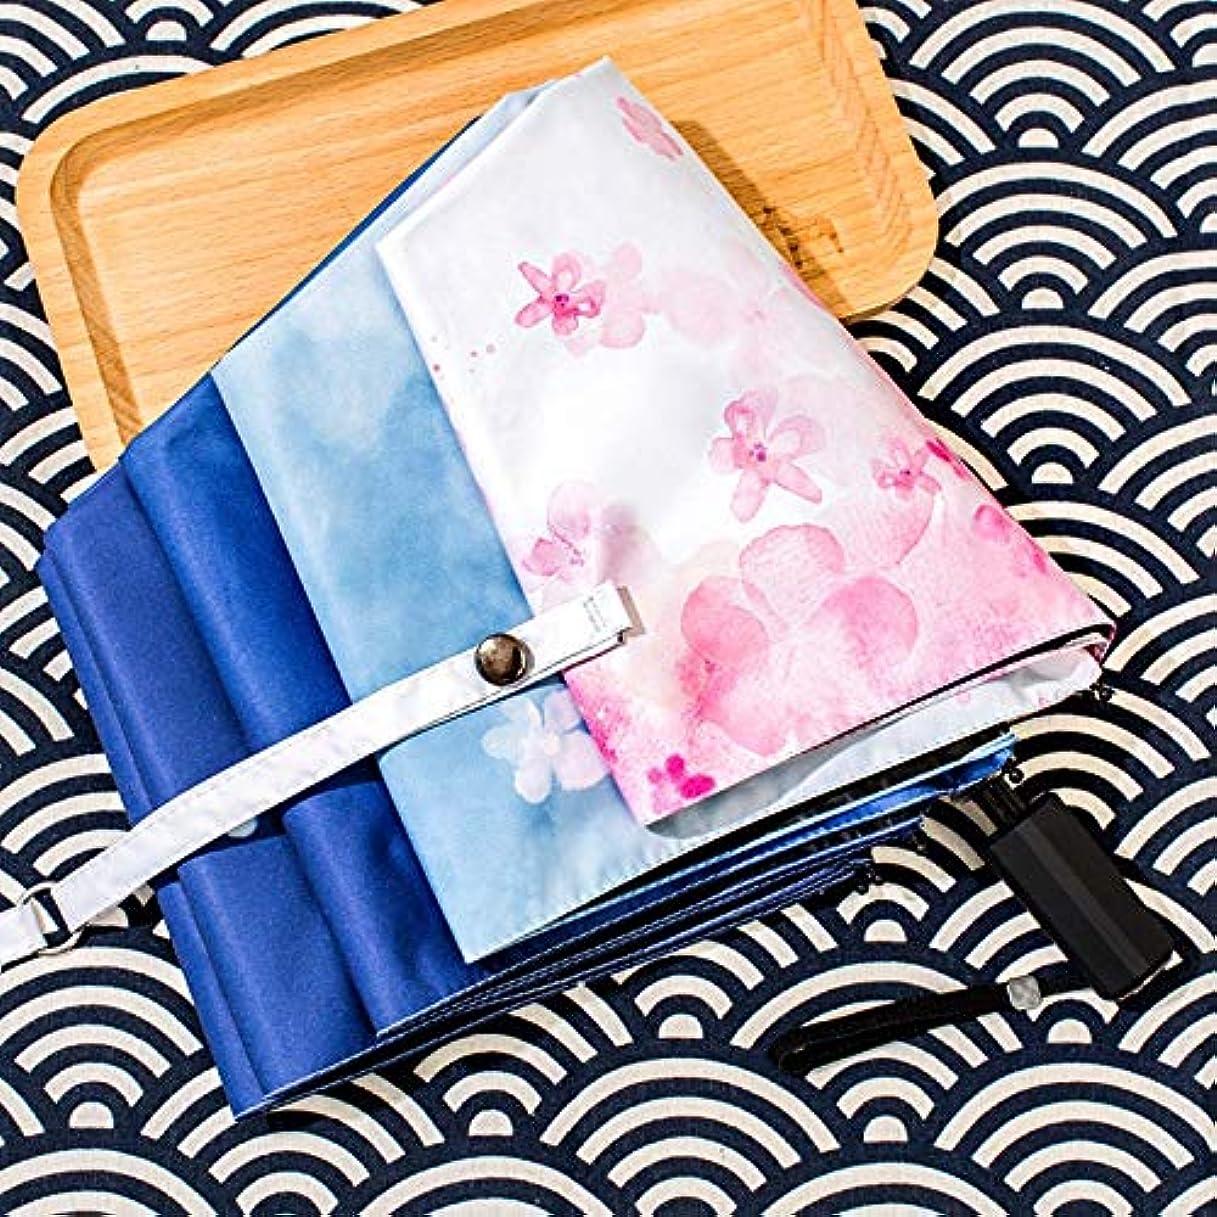 りドアパンサーHAPPY HOME 傘の女性の韓国の小さな新鮮な雨と雨の兼用折りたたみ日焼け止め日焼け止めレトロ日傘